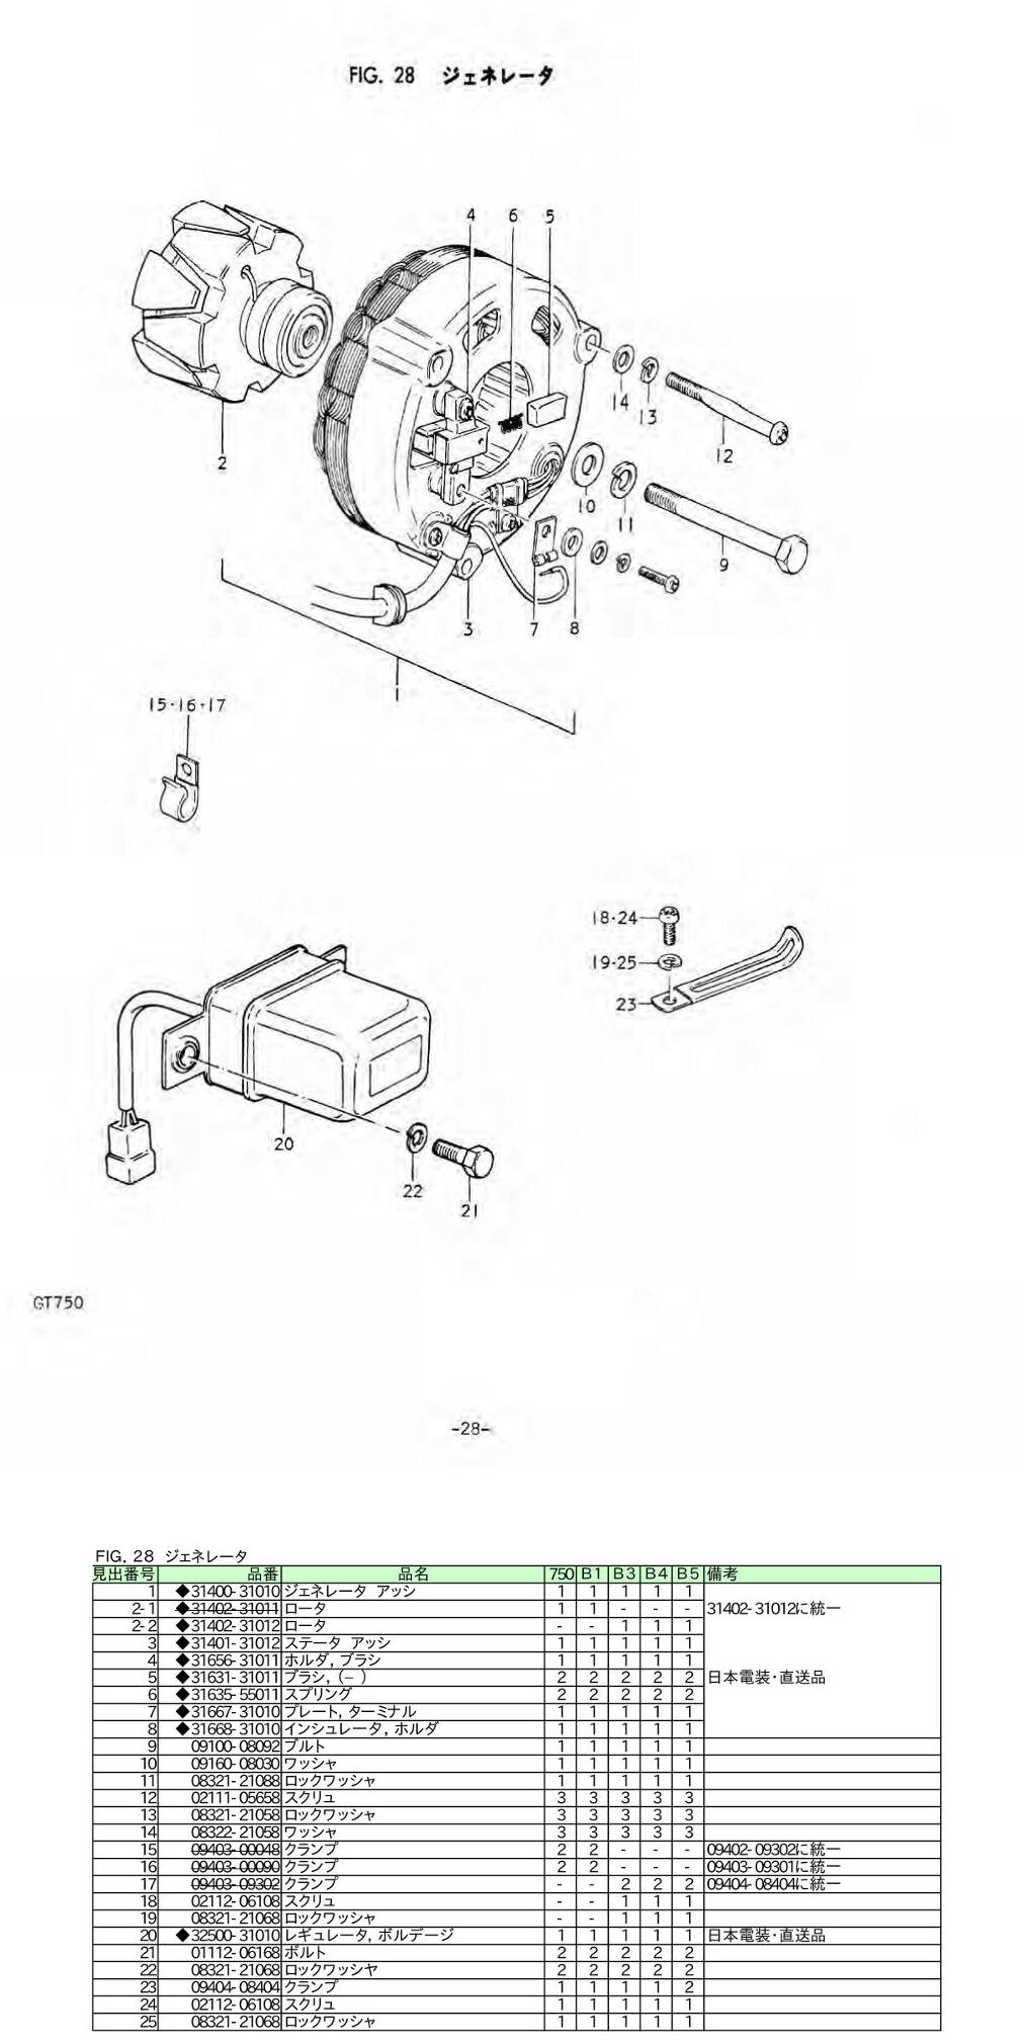 Alternator · Ignition/Points · Speedo/Tach (GT750 ...